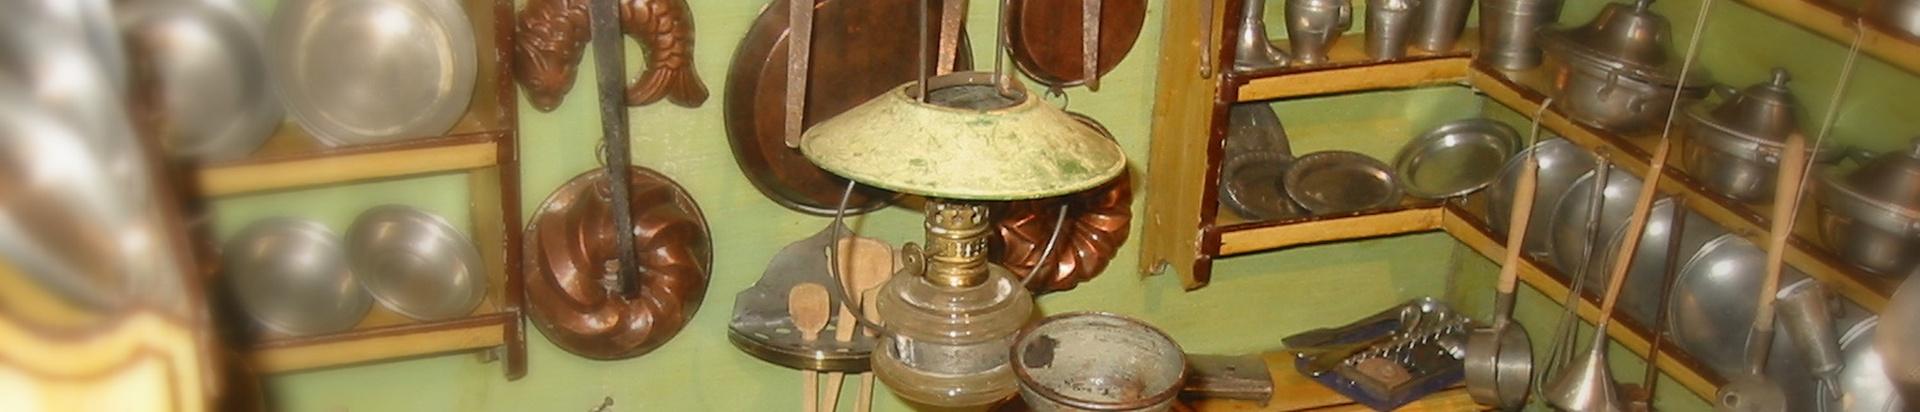 Museum in der Klostermuehle - Dauerausstellung - Bild 4